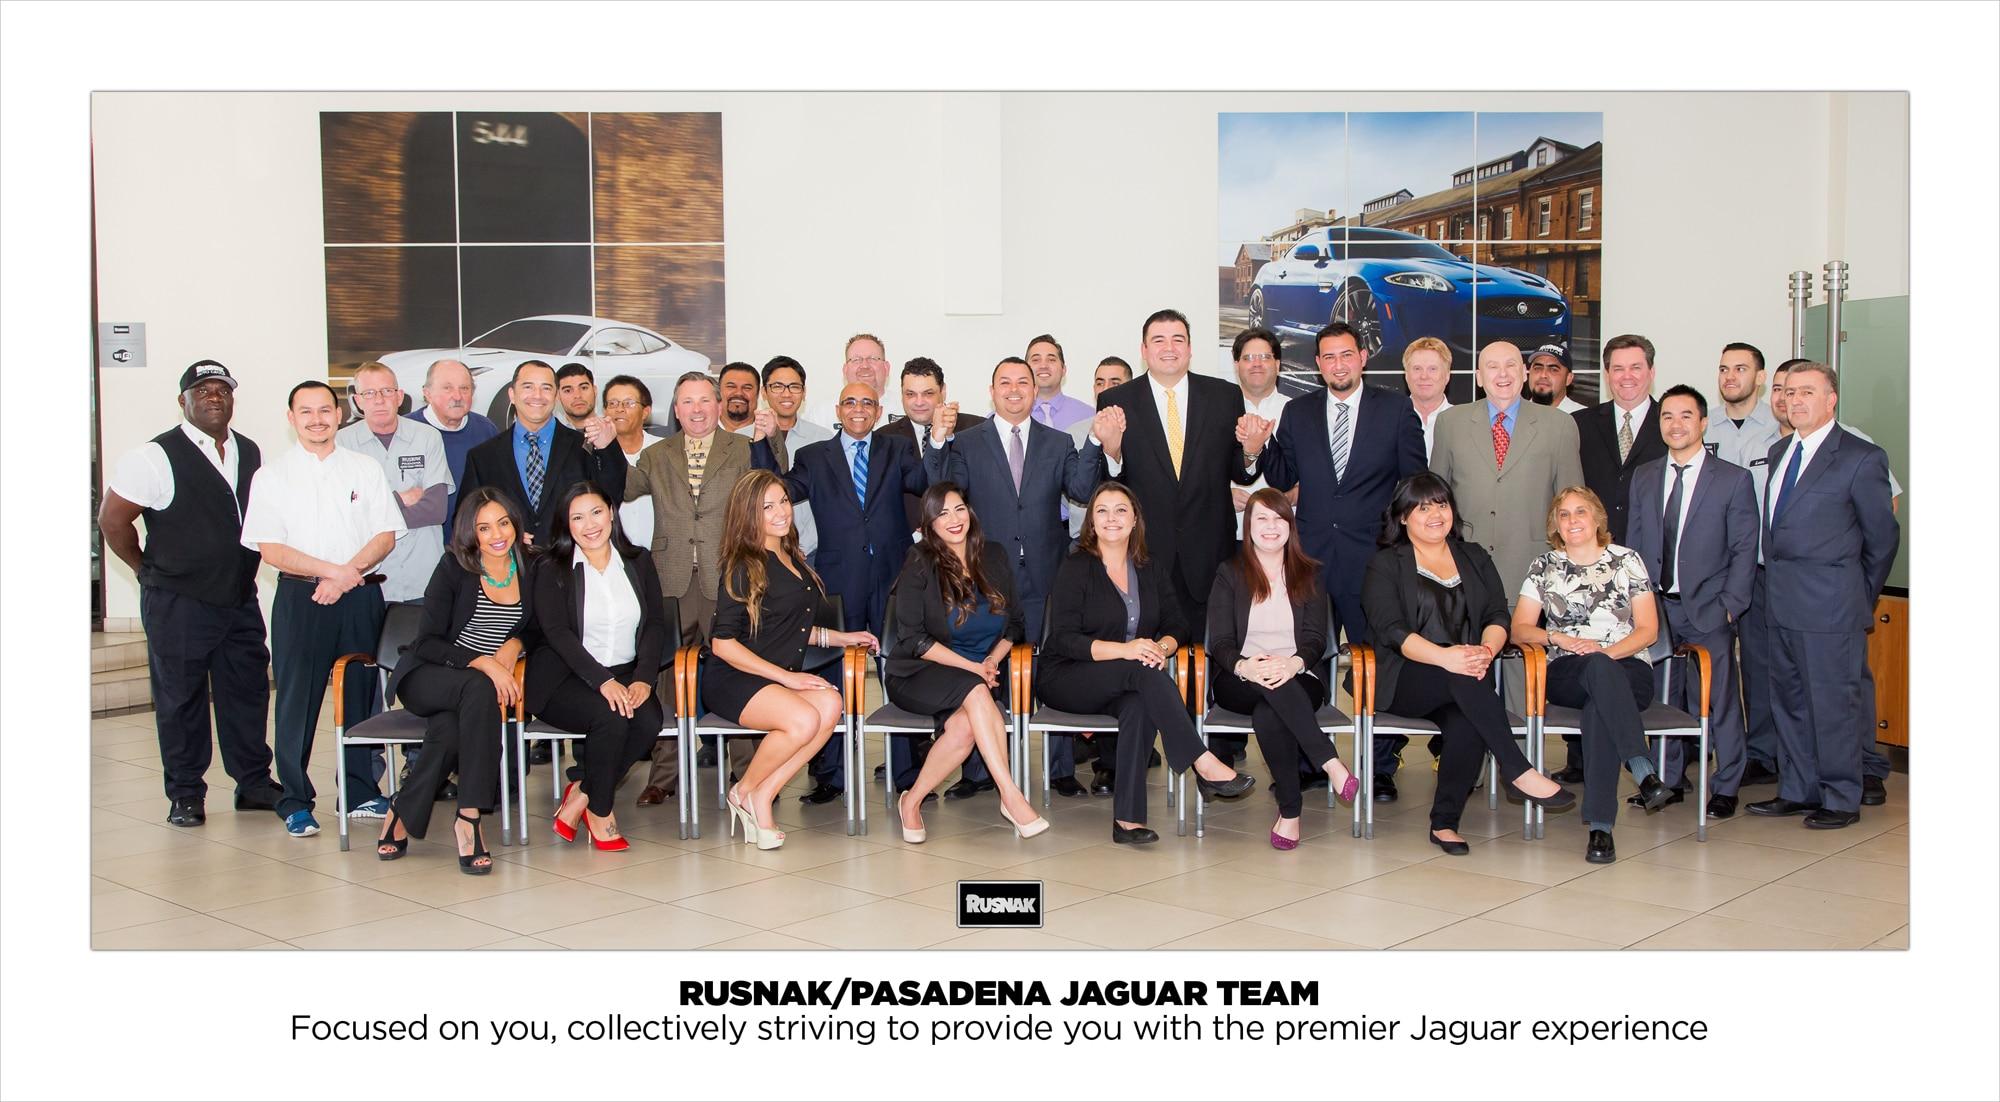 l dealership angeles race hybrid jaguarforums los road show ev img pace electrified and com la jaguars articles jaguar auto a attend i